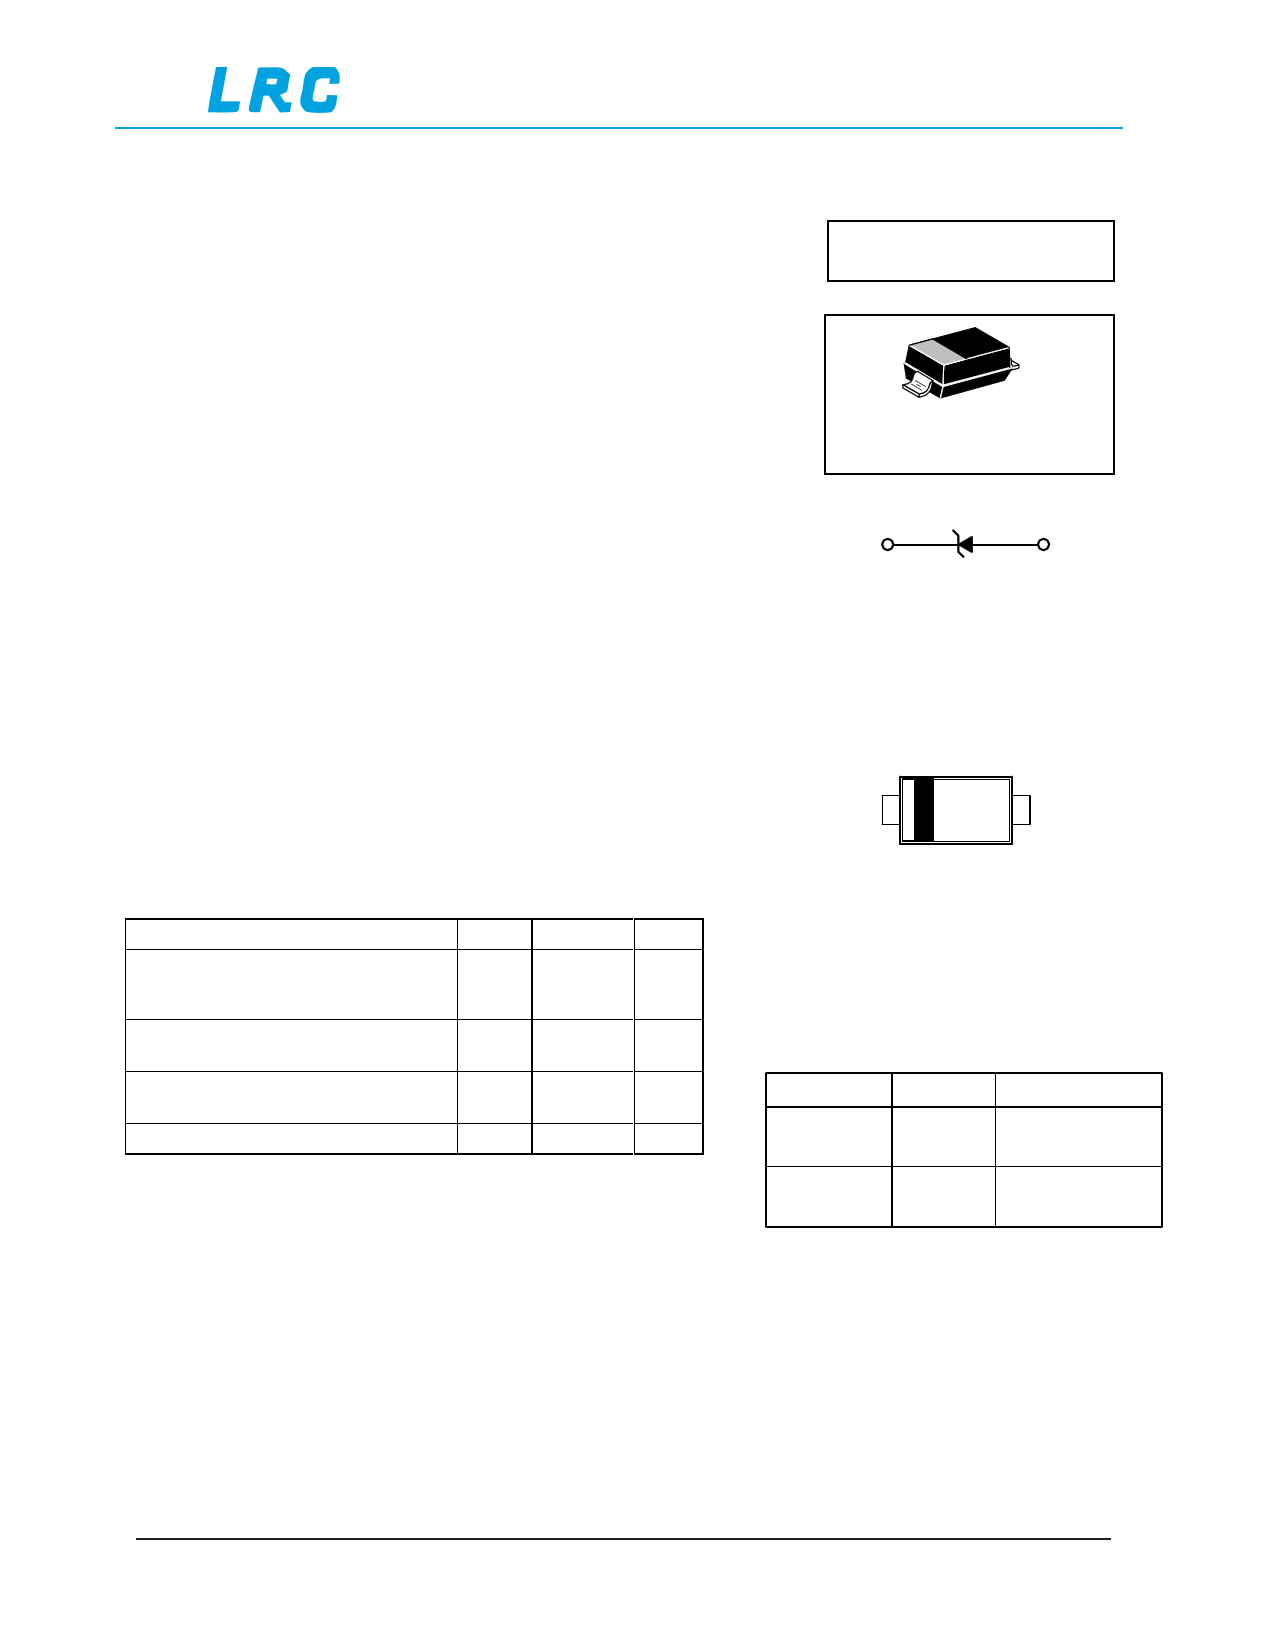 LMSZ4709T1G datasheet, circuit